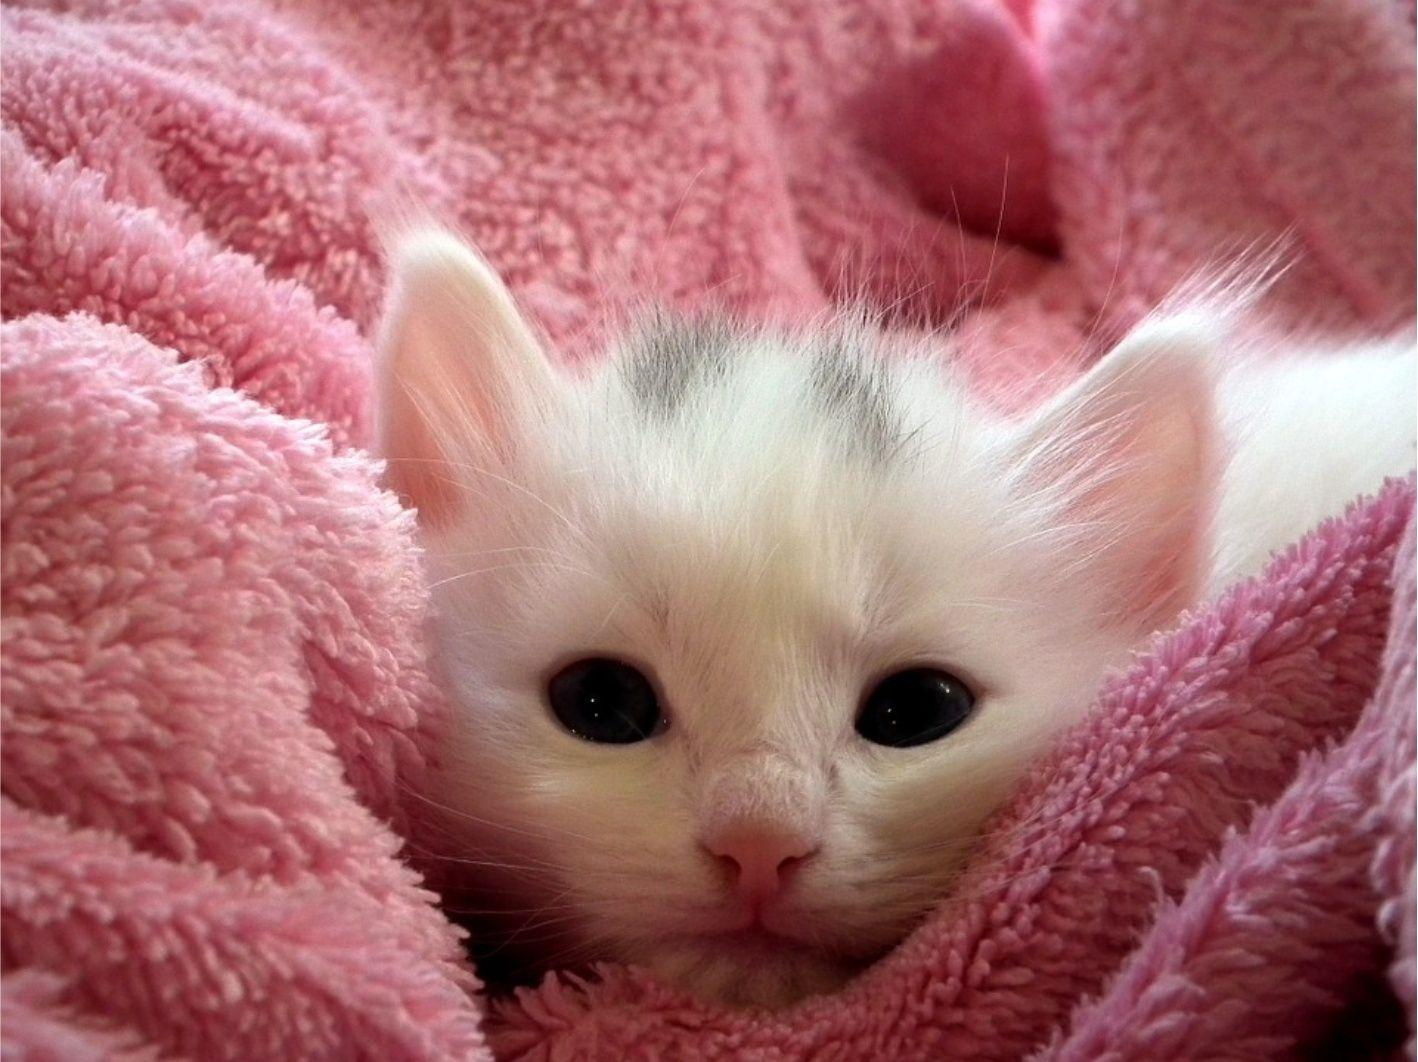 Kitten Gratis Stockfoto Afbeelding Foto Te Gebruiken Voor Elk Project Dat Je Hebt Zonder Vermelding Of Bijdrage Vo Schattige Kittens Zachte Kat Witte Katjes